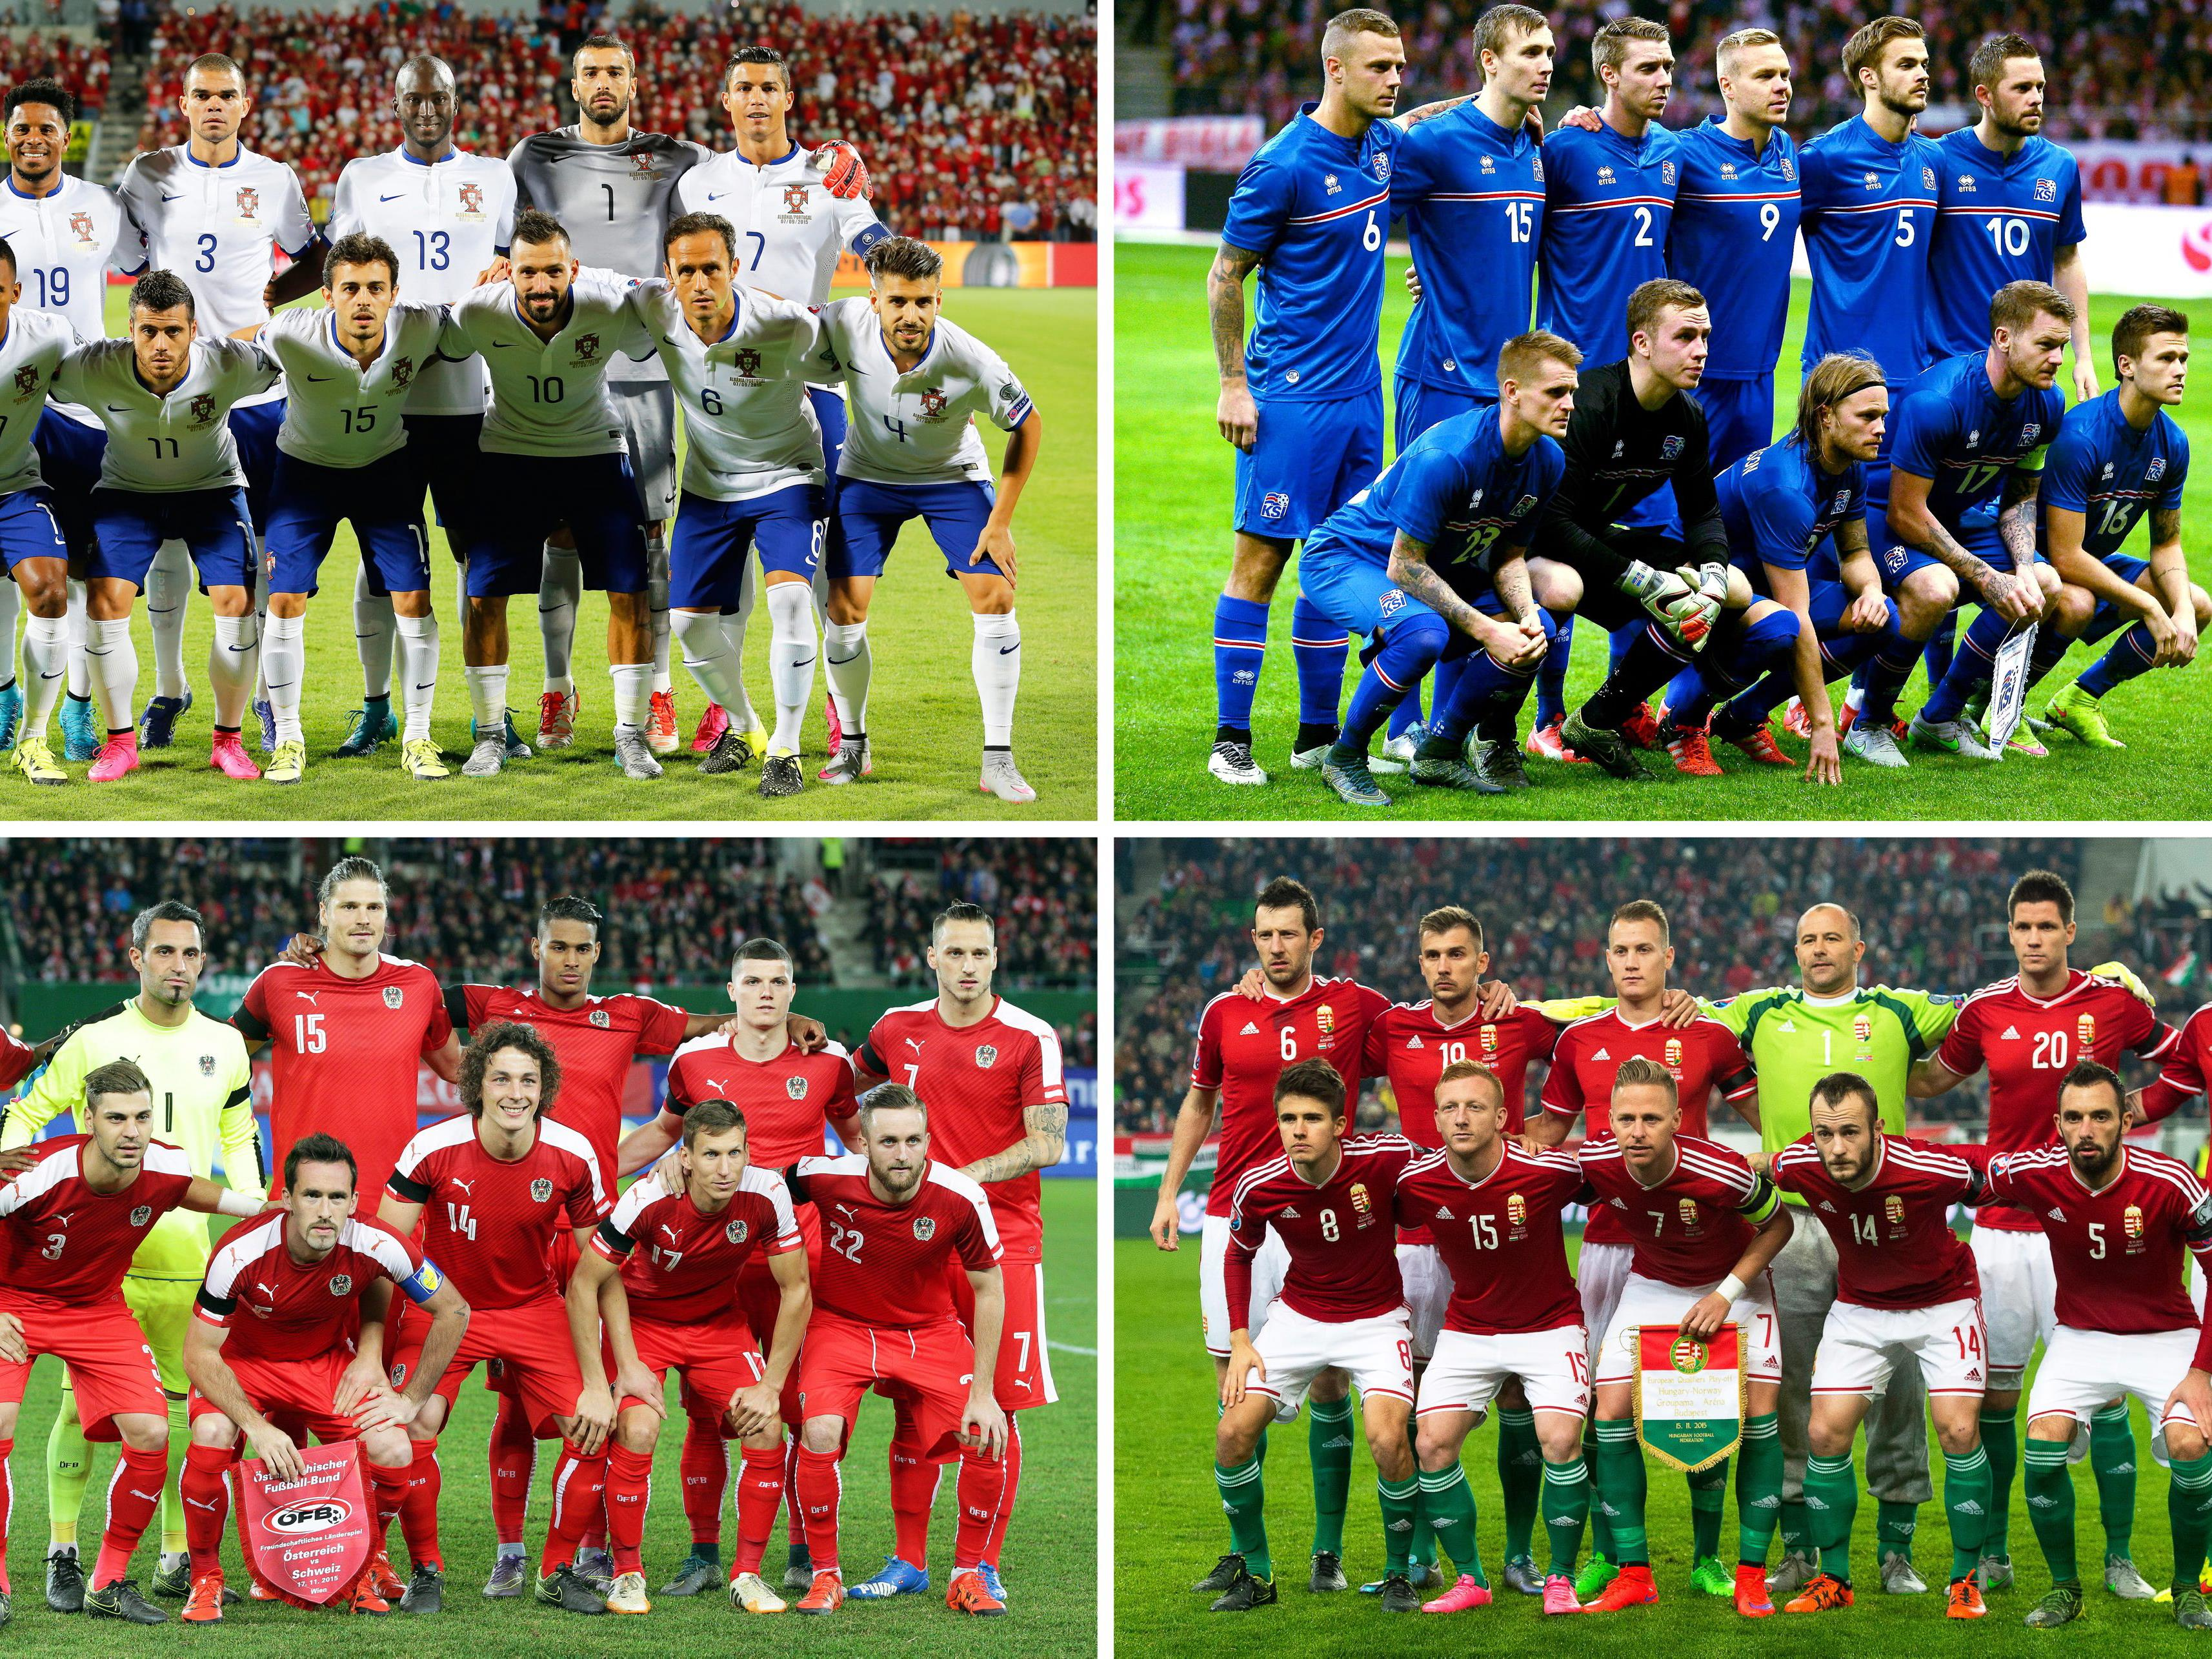 Die Gruppe F der Fußball-EM 2016 in Frankreich.